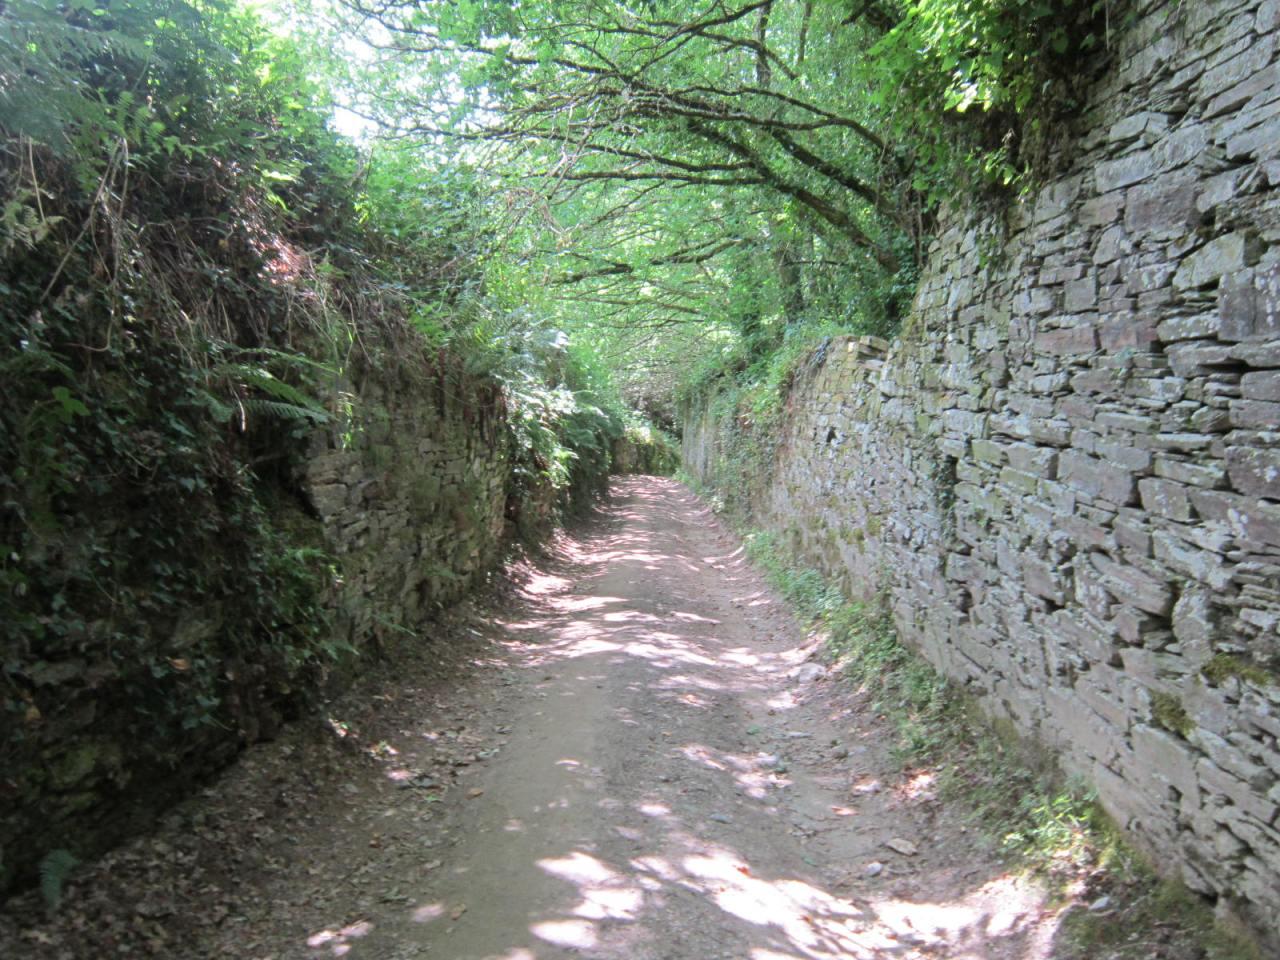 Samos monastery on the Camino de Santiago